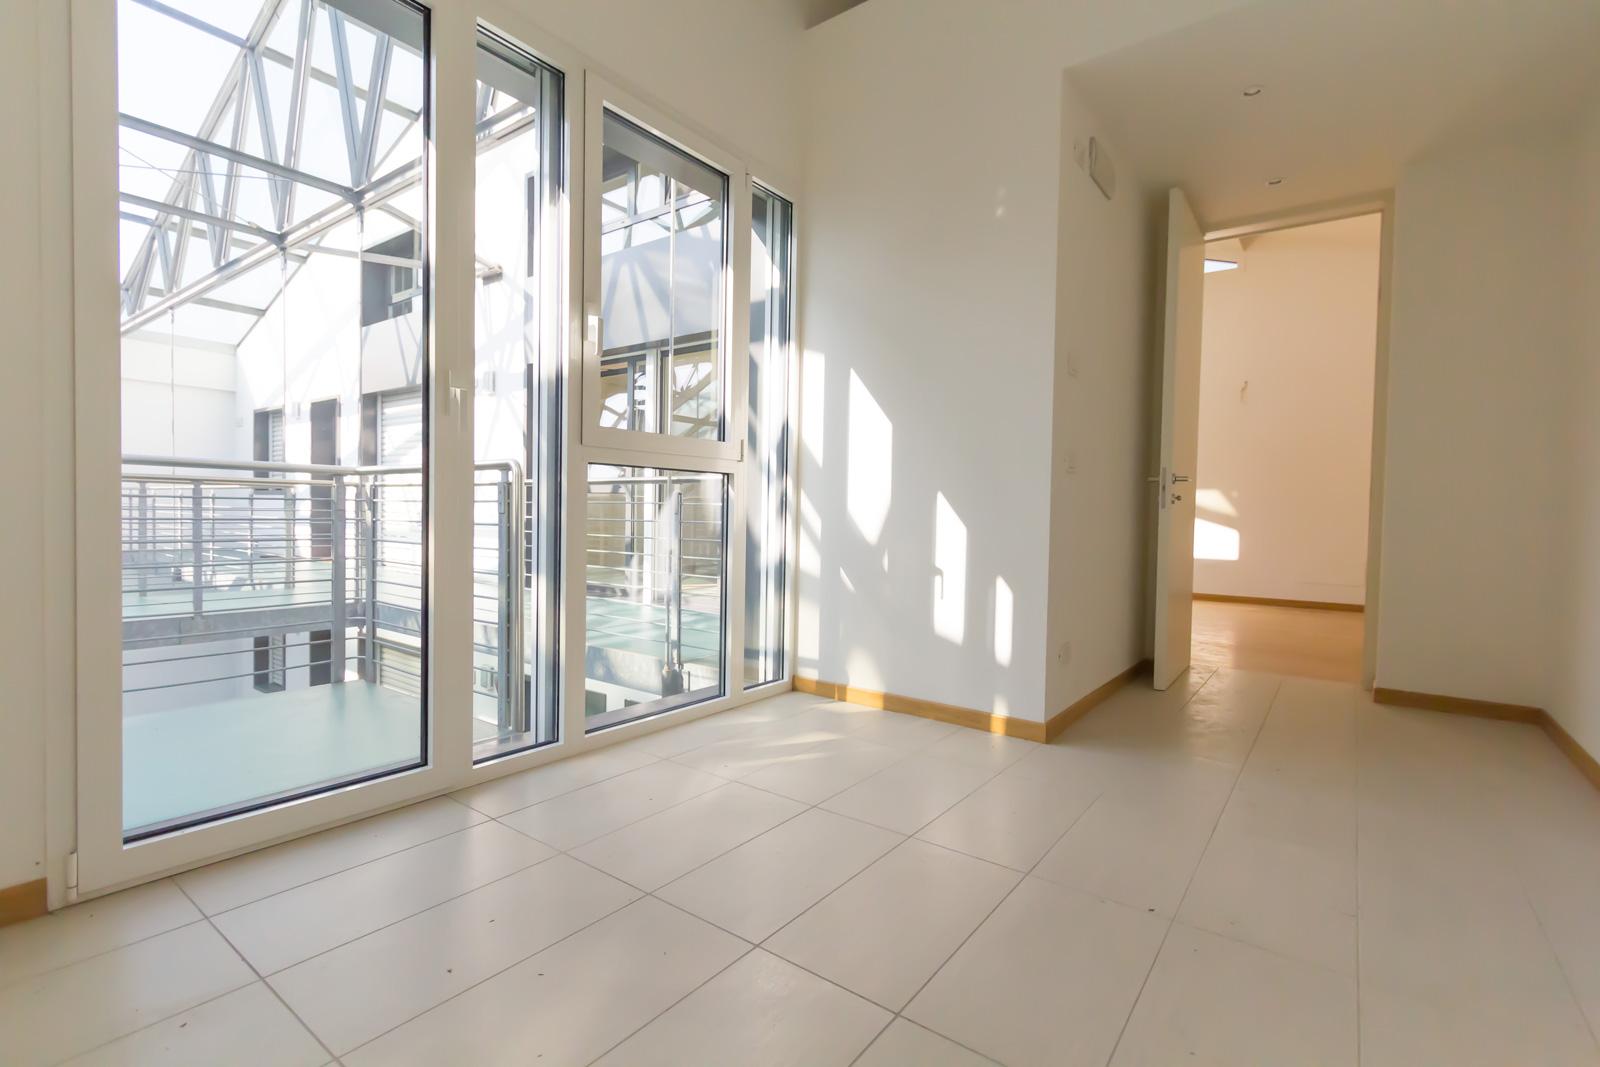 Attico a mestre appartamento centro mestre for Detrazione affitto 2017